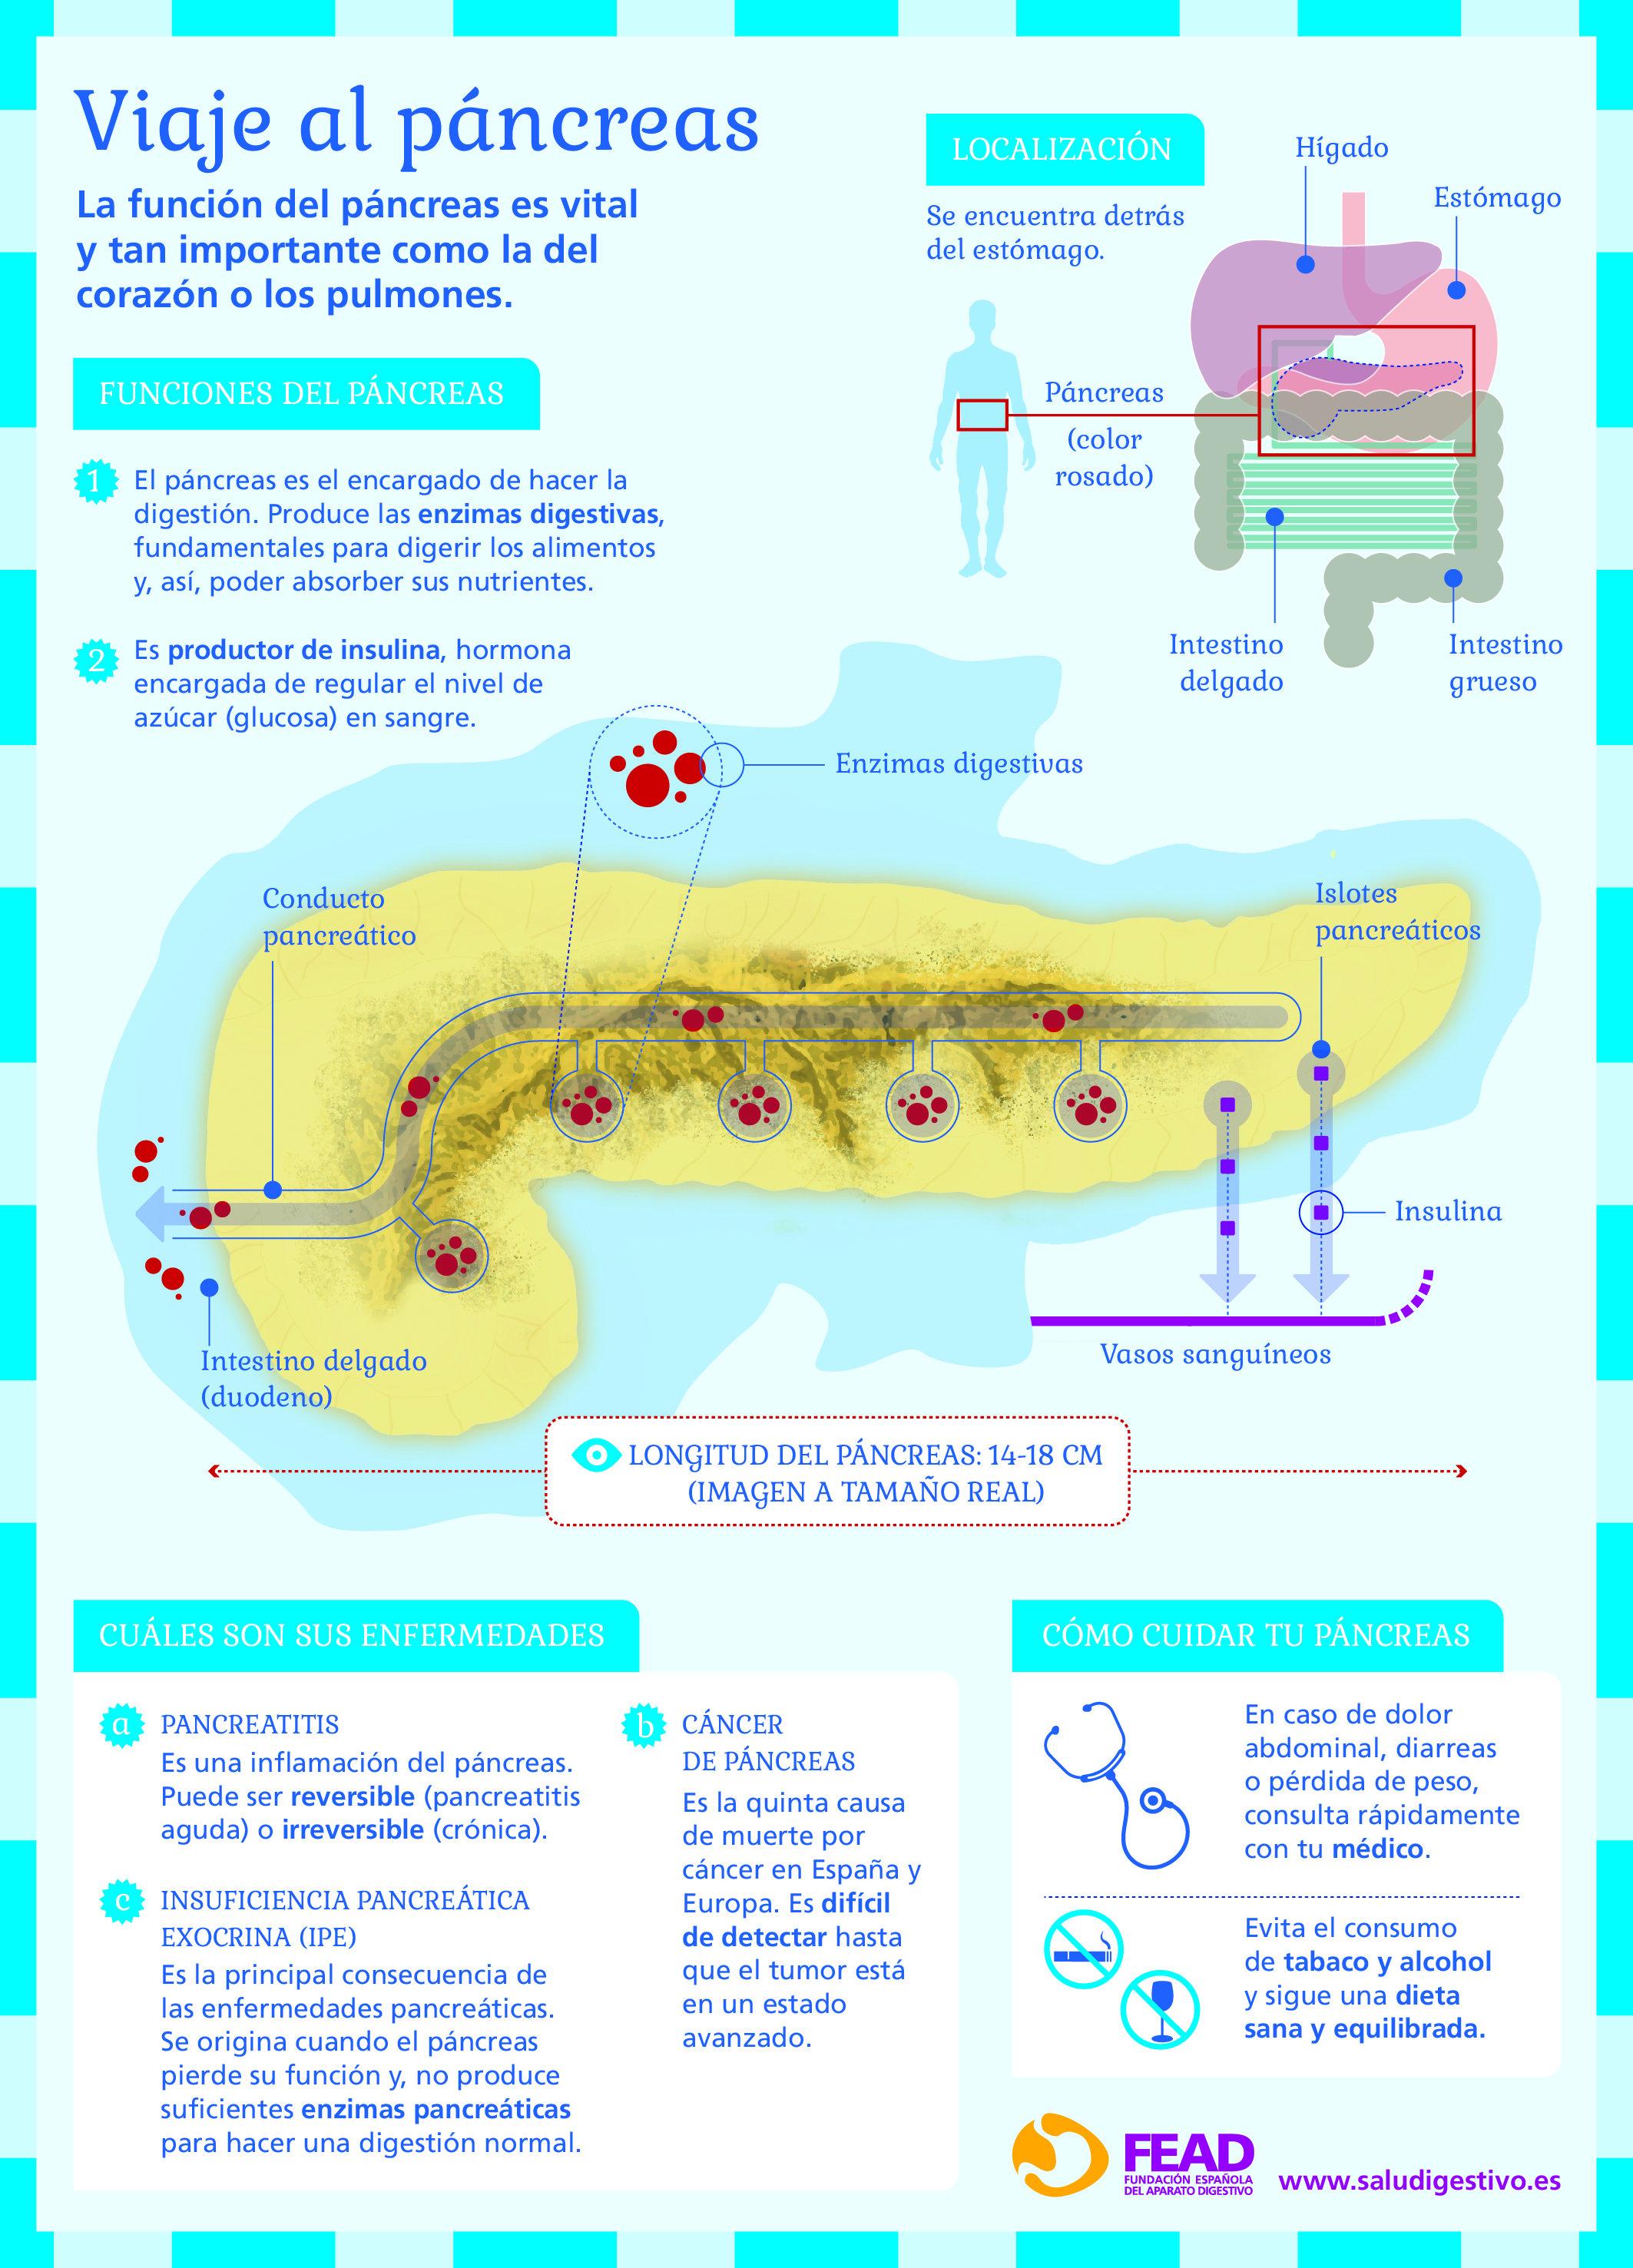 infografia_viaje_al_pancreas